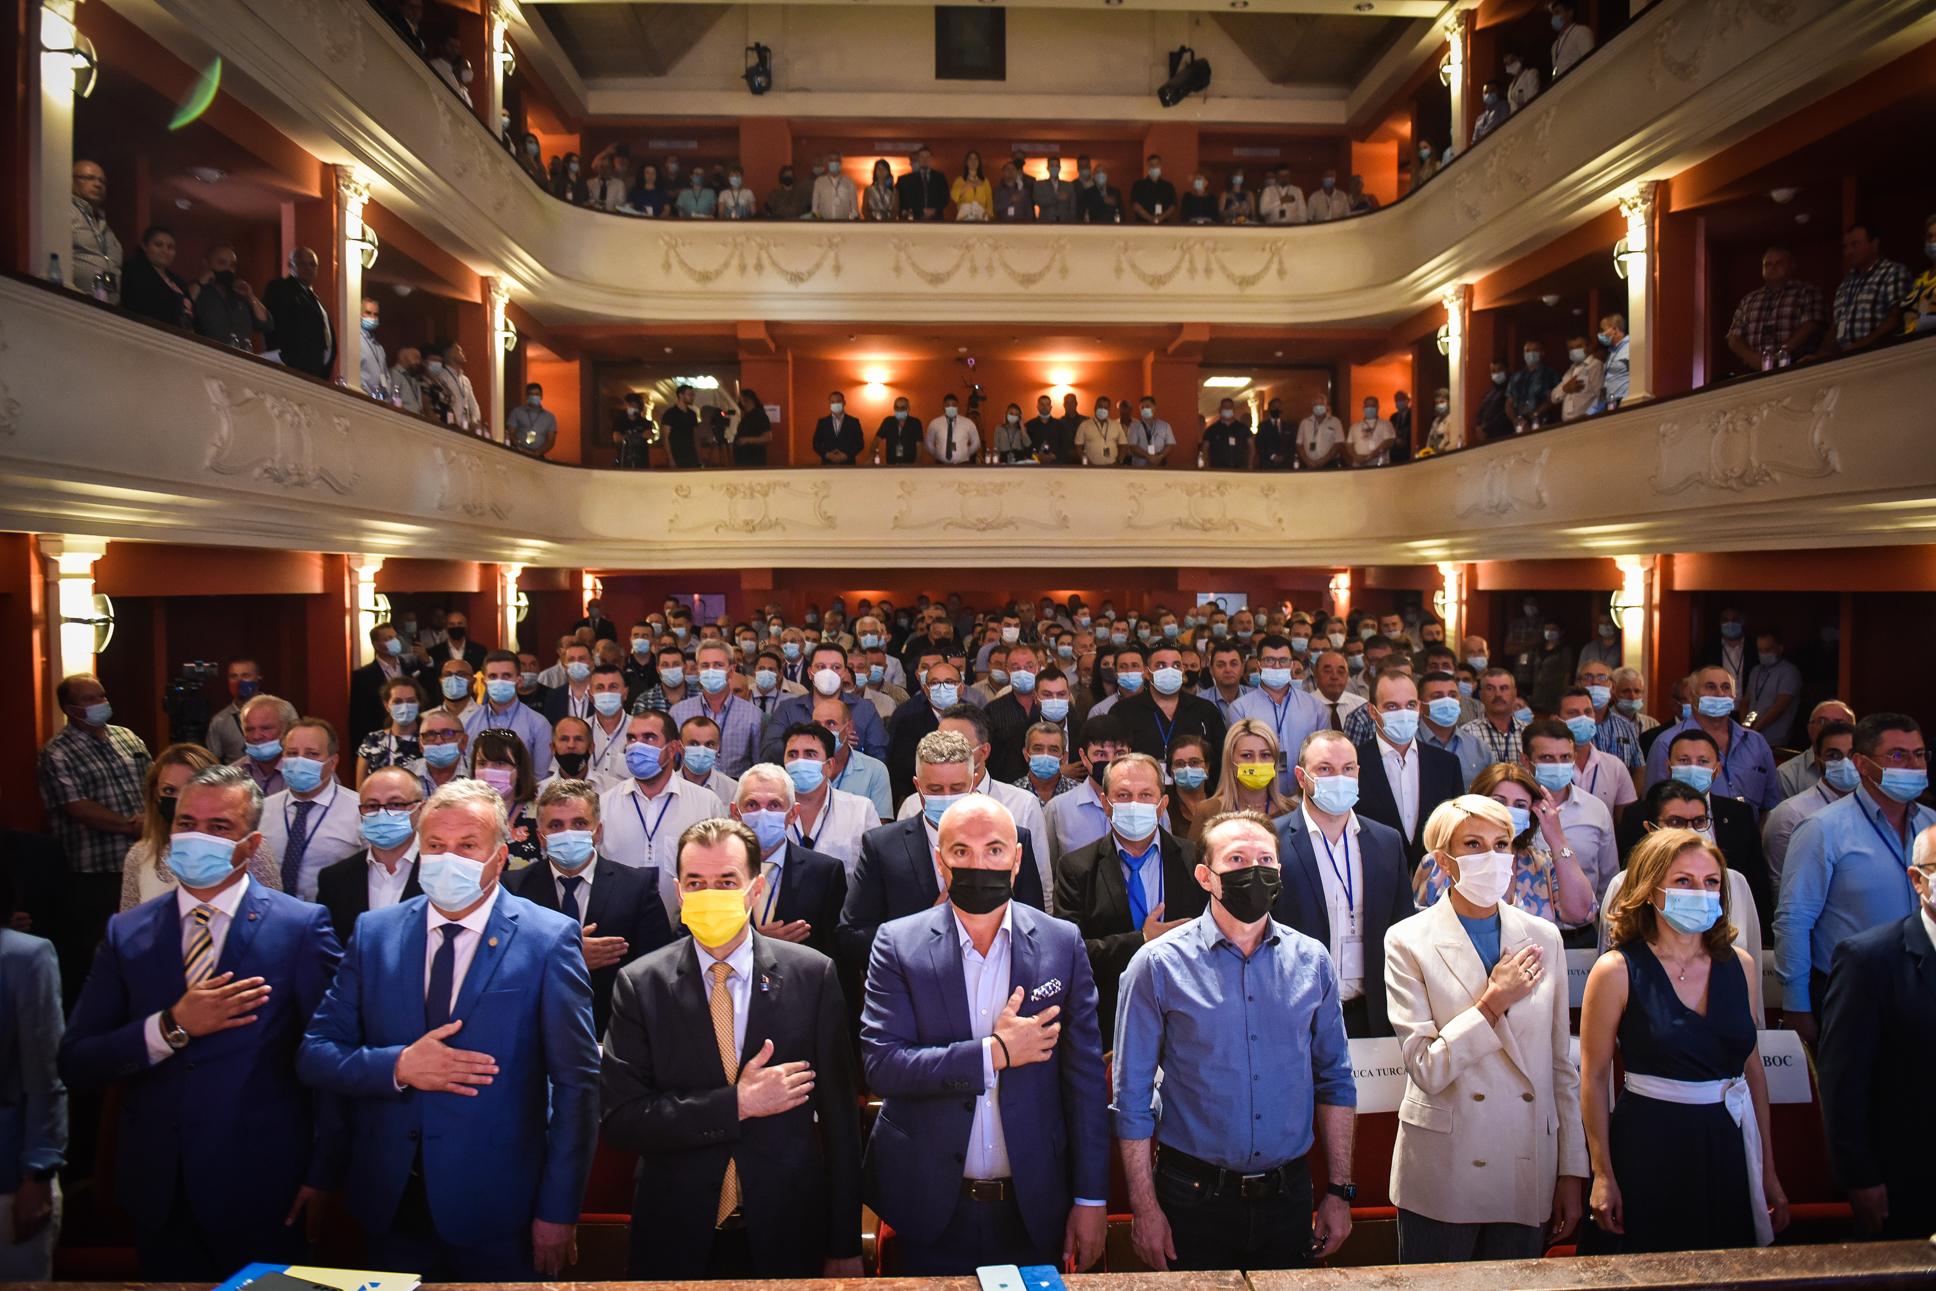 În scenariu roșu, 145 de liberali sibieni sunt la București, printre cei 5.000 care își aleg președintele: Cîțu vs. Orban